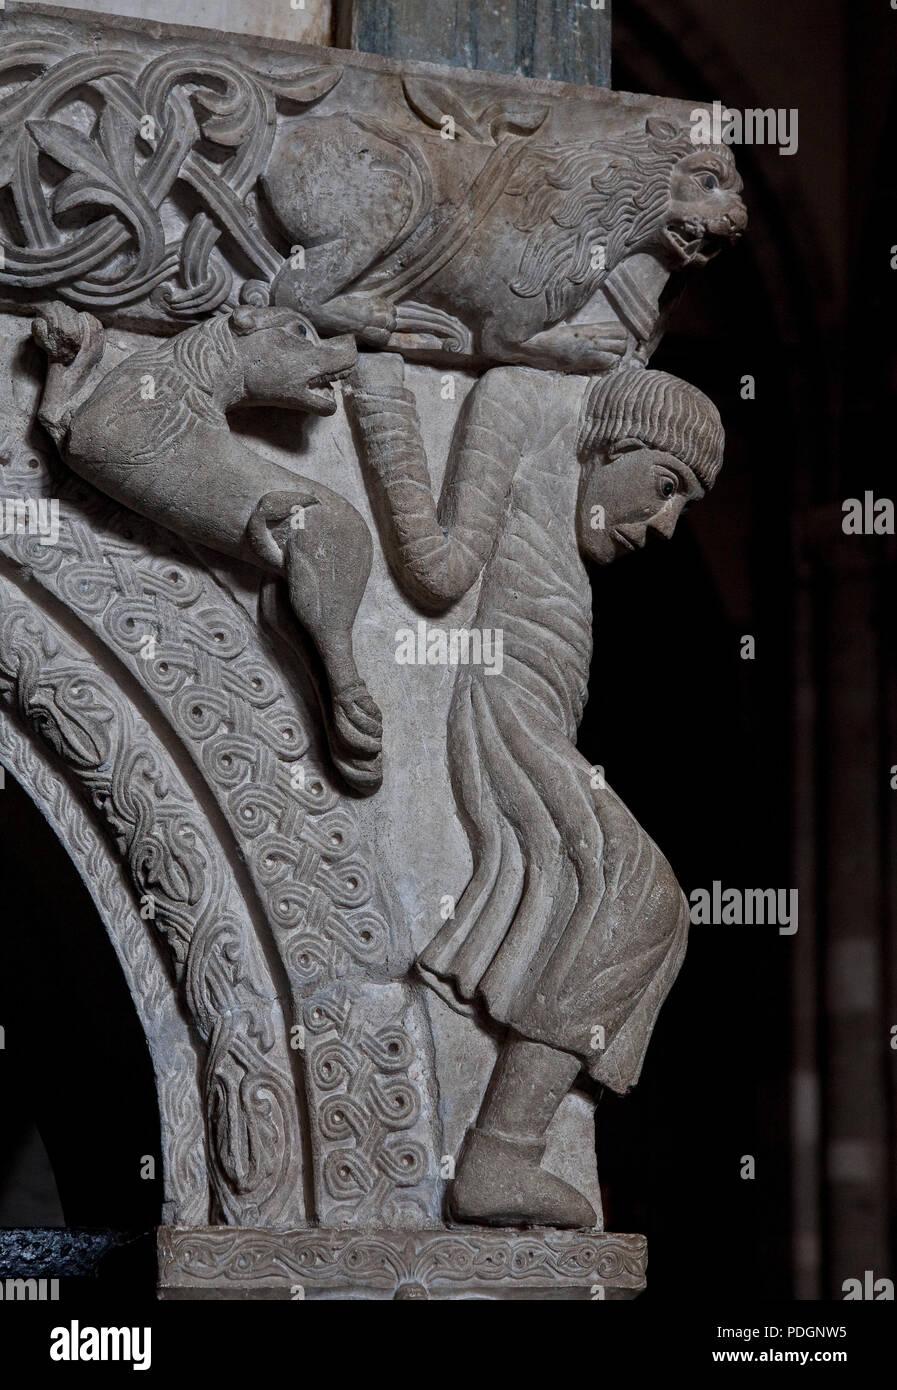 Italien Milano Mailand Kirche San Ambrogio 12 Jh  Marmorkanzel komponiert aus romanischen Spolien SW-Ecke Löwen tragender Atlant auf Adlerkapitell ste - Stock Image